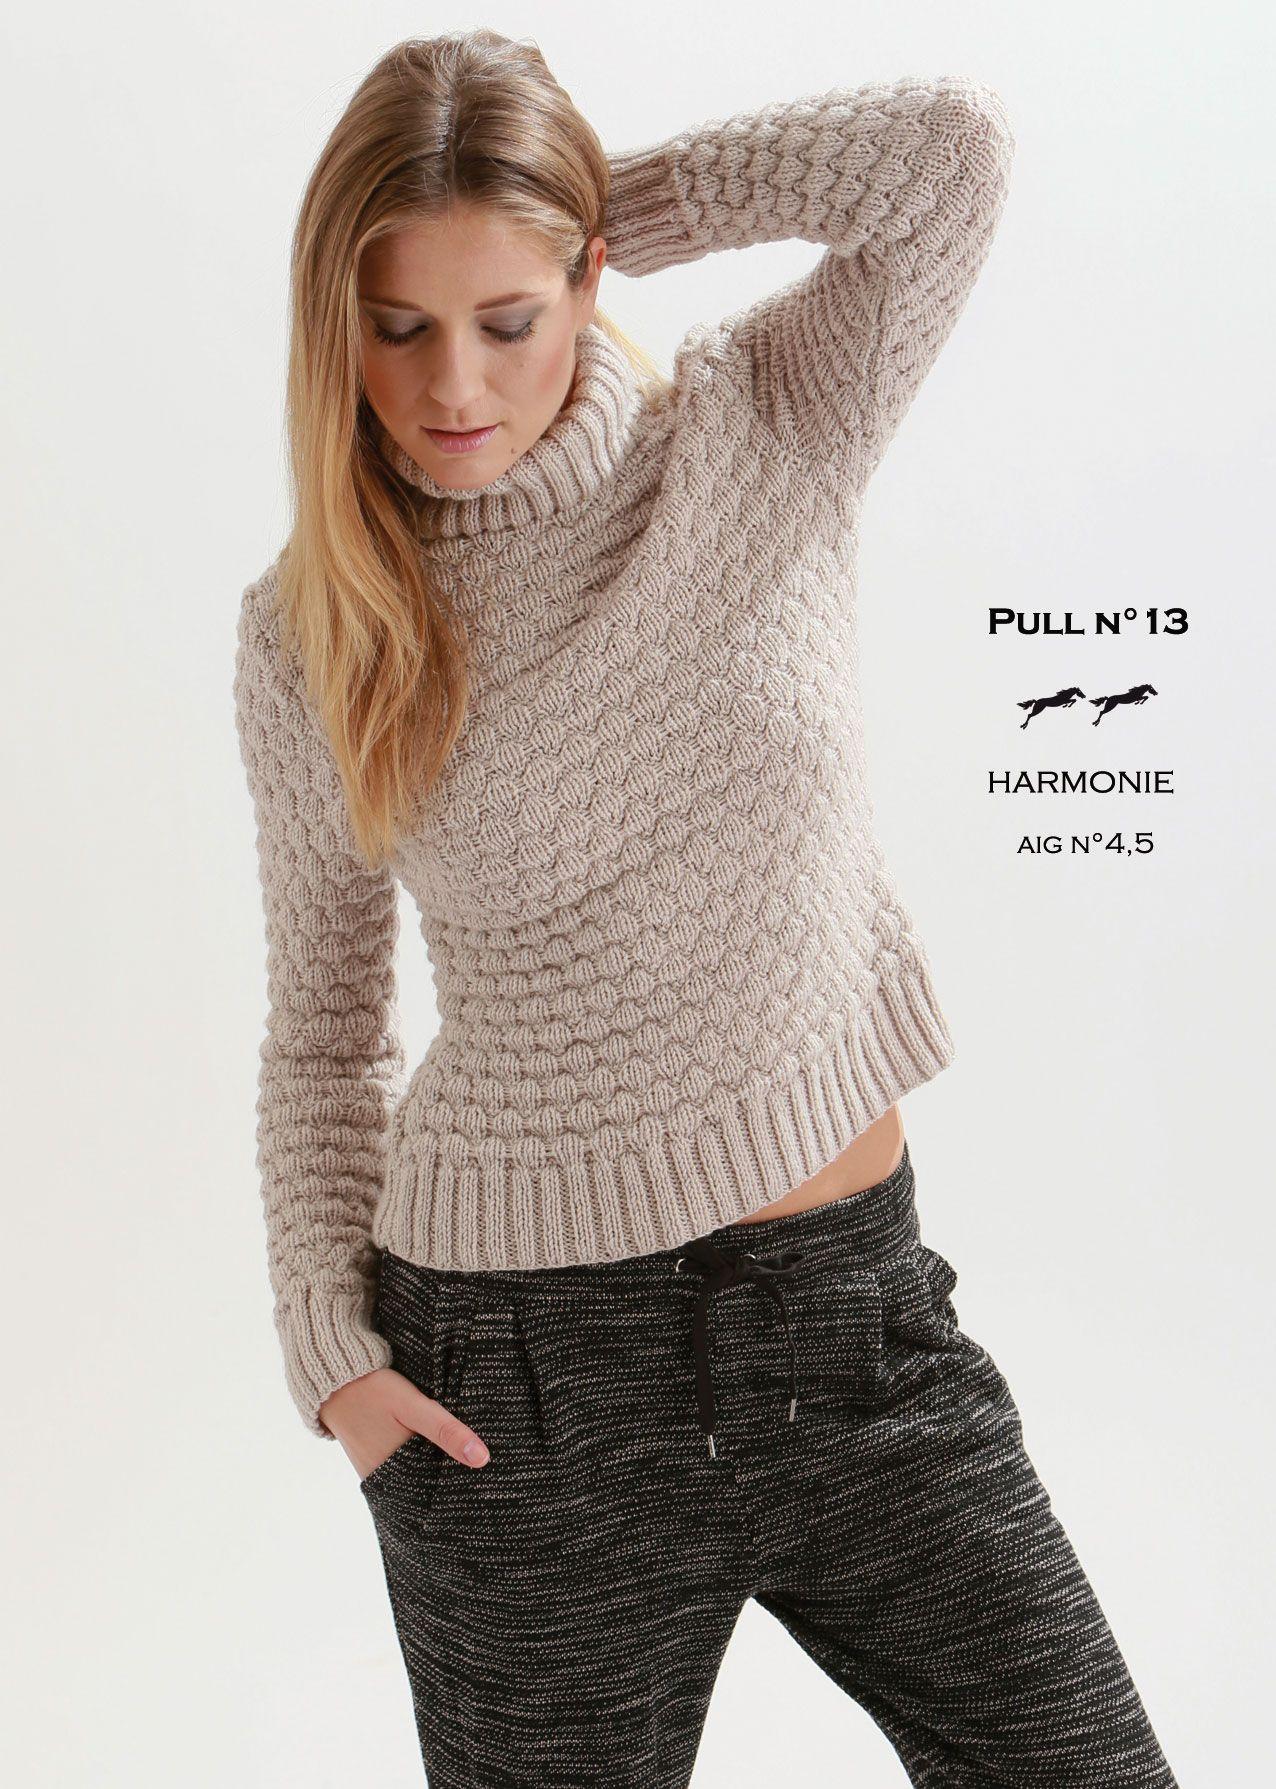 mod le de tricot pull femme catalogue cheval blanc n 21 laine utilis e harmonie tricot. Black Bedroom Furniture Sets. Home Design Ideas